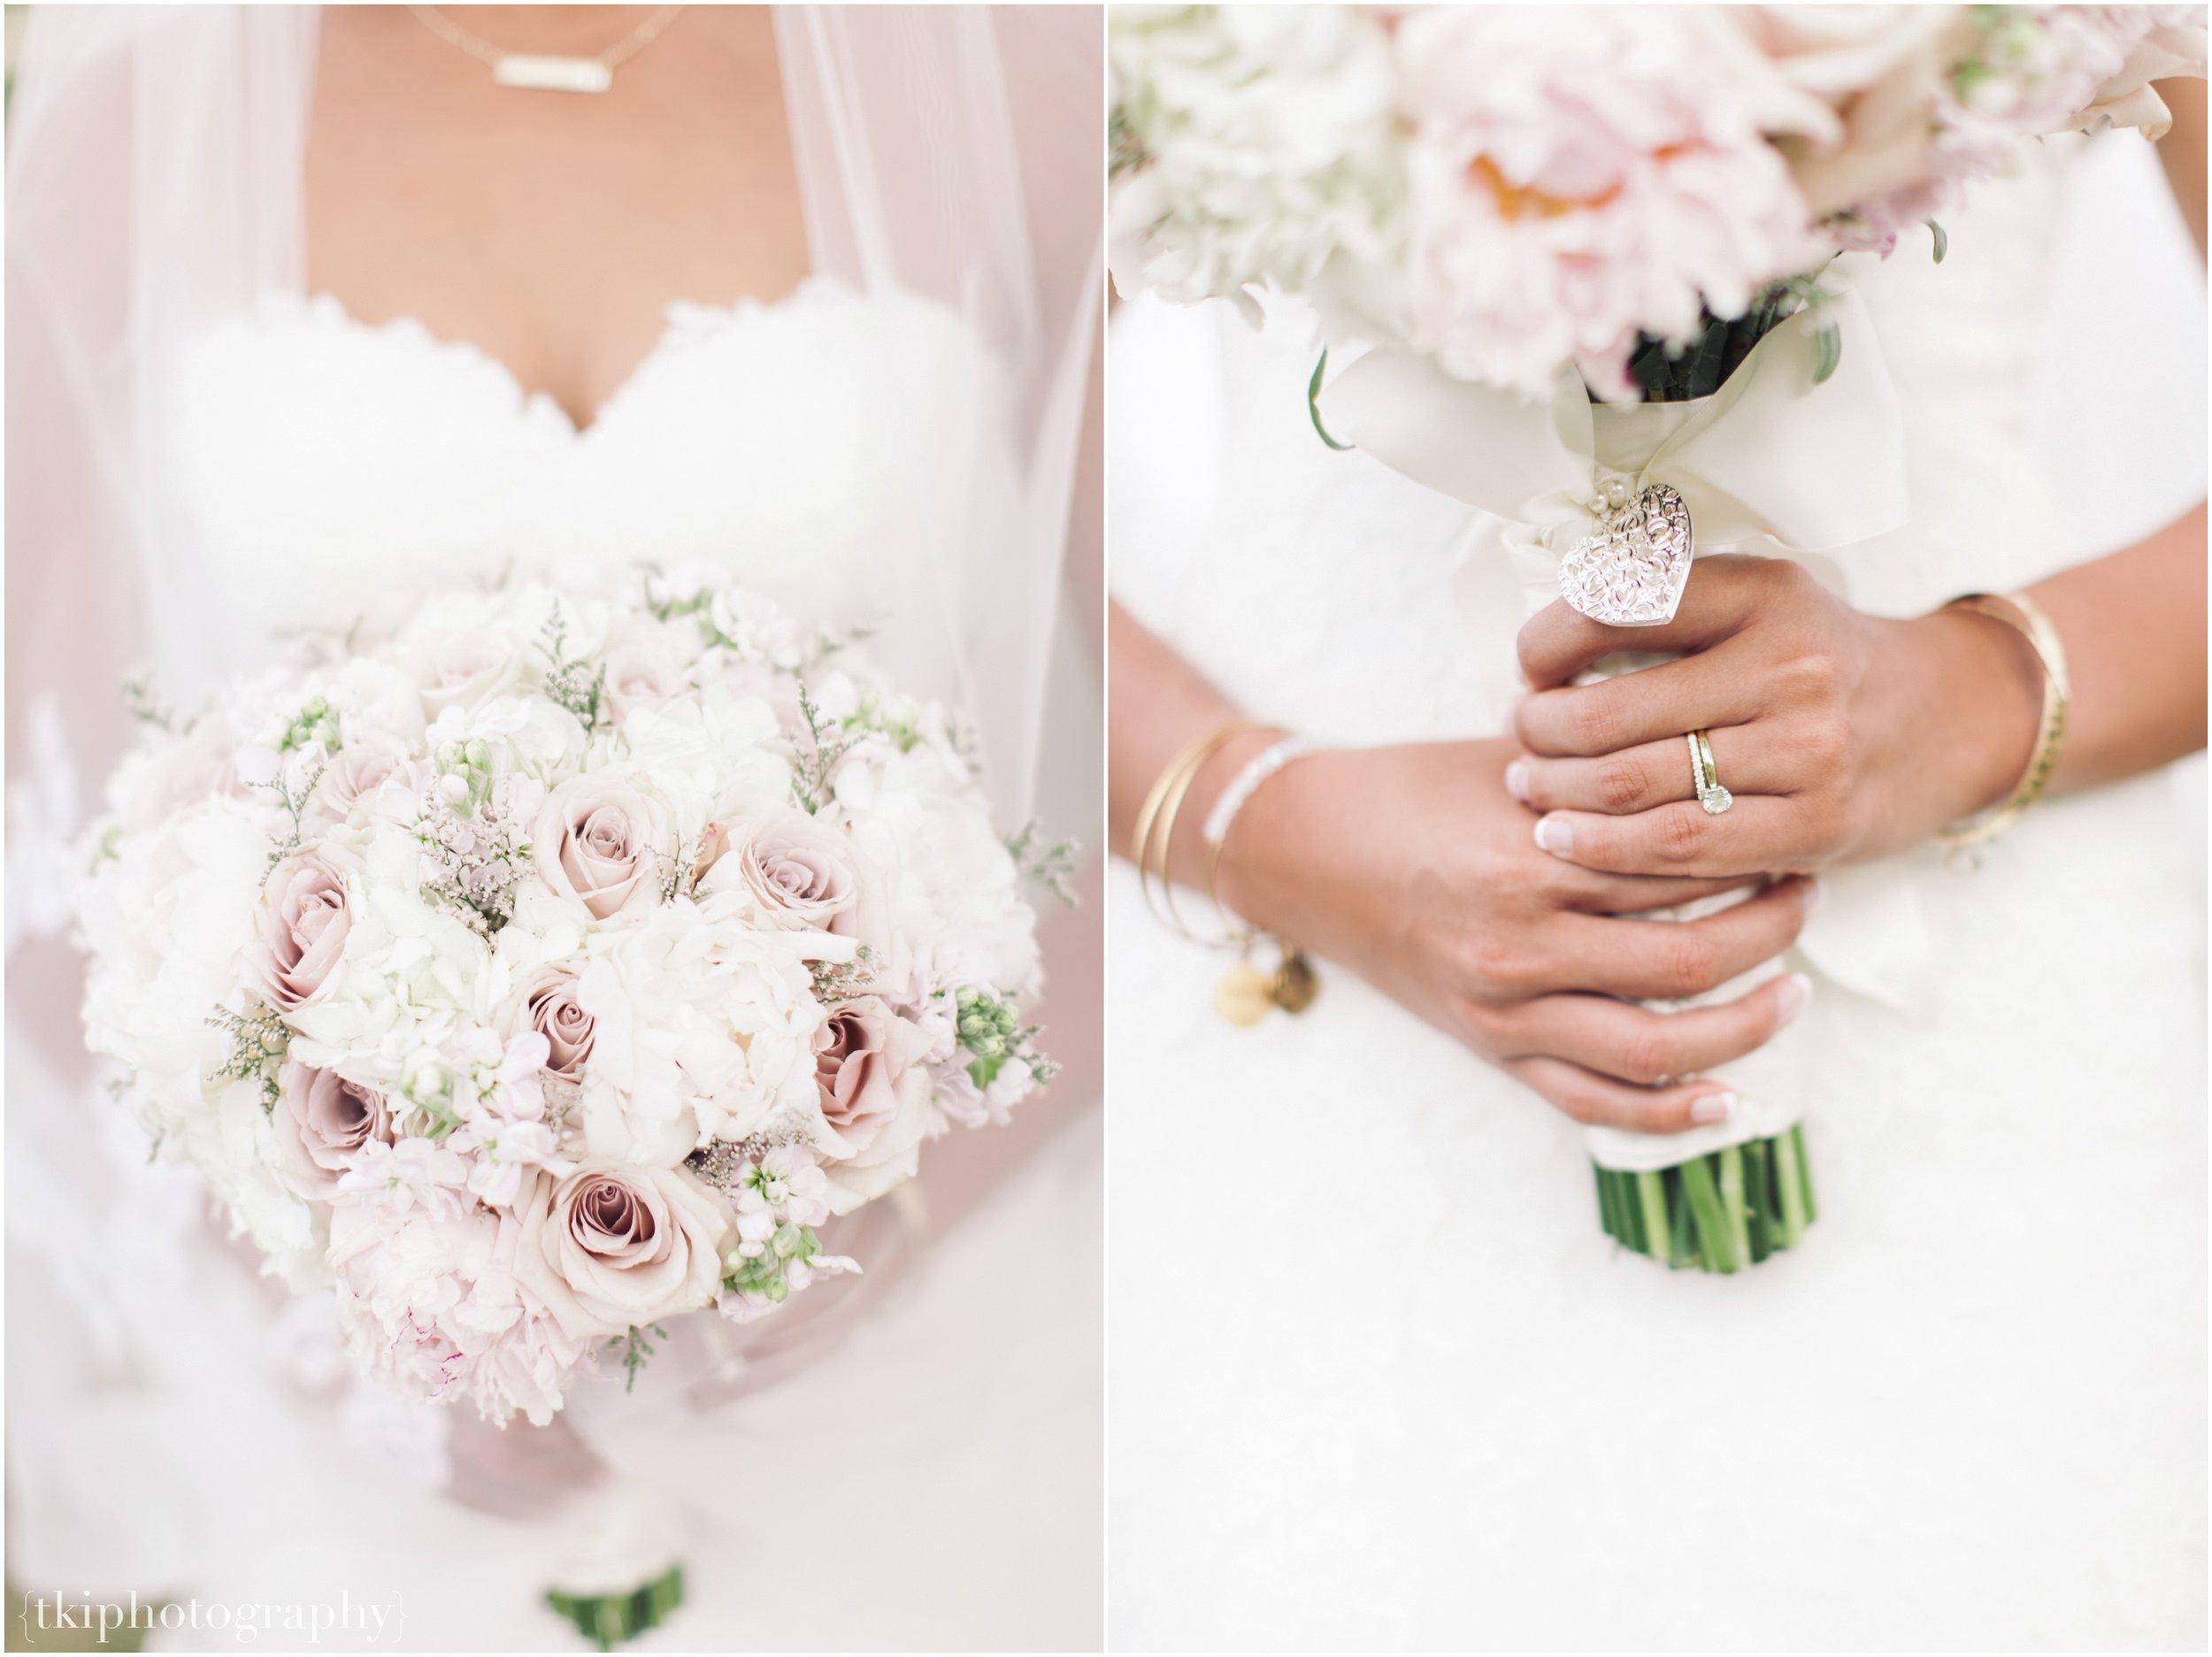 Wedding Flowers in Detail